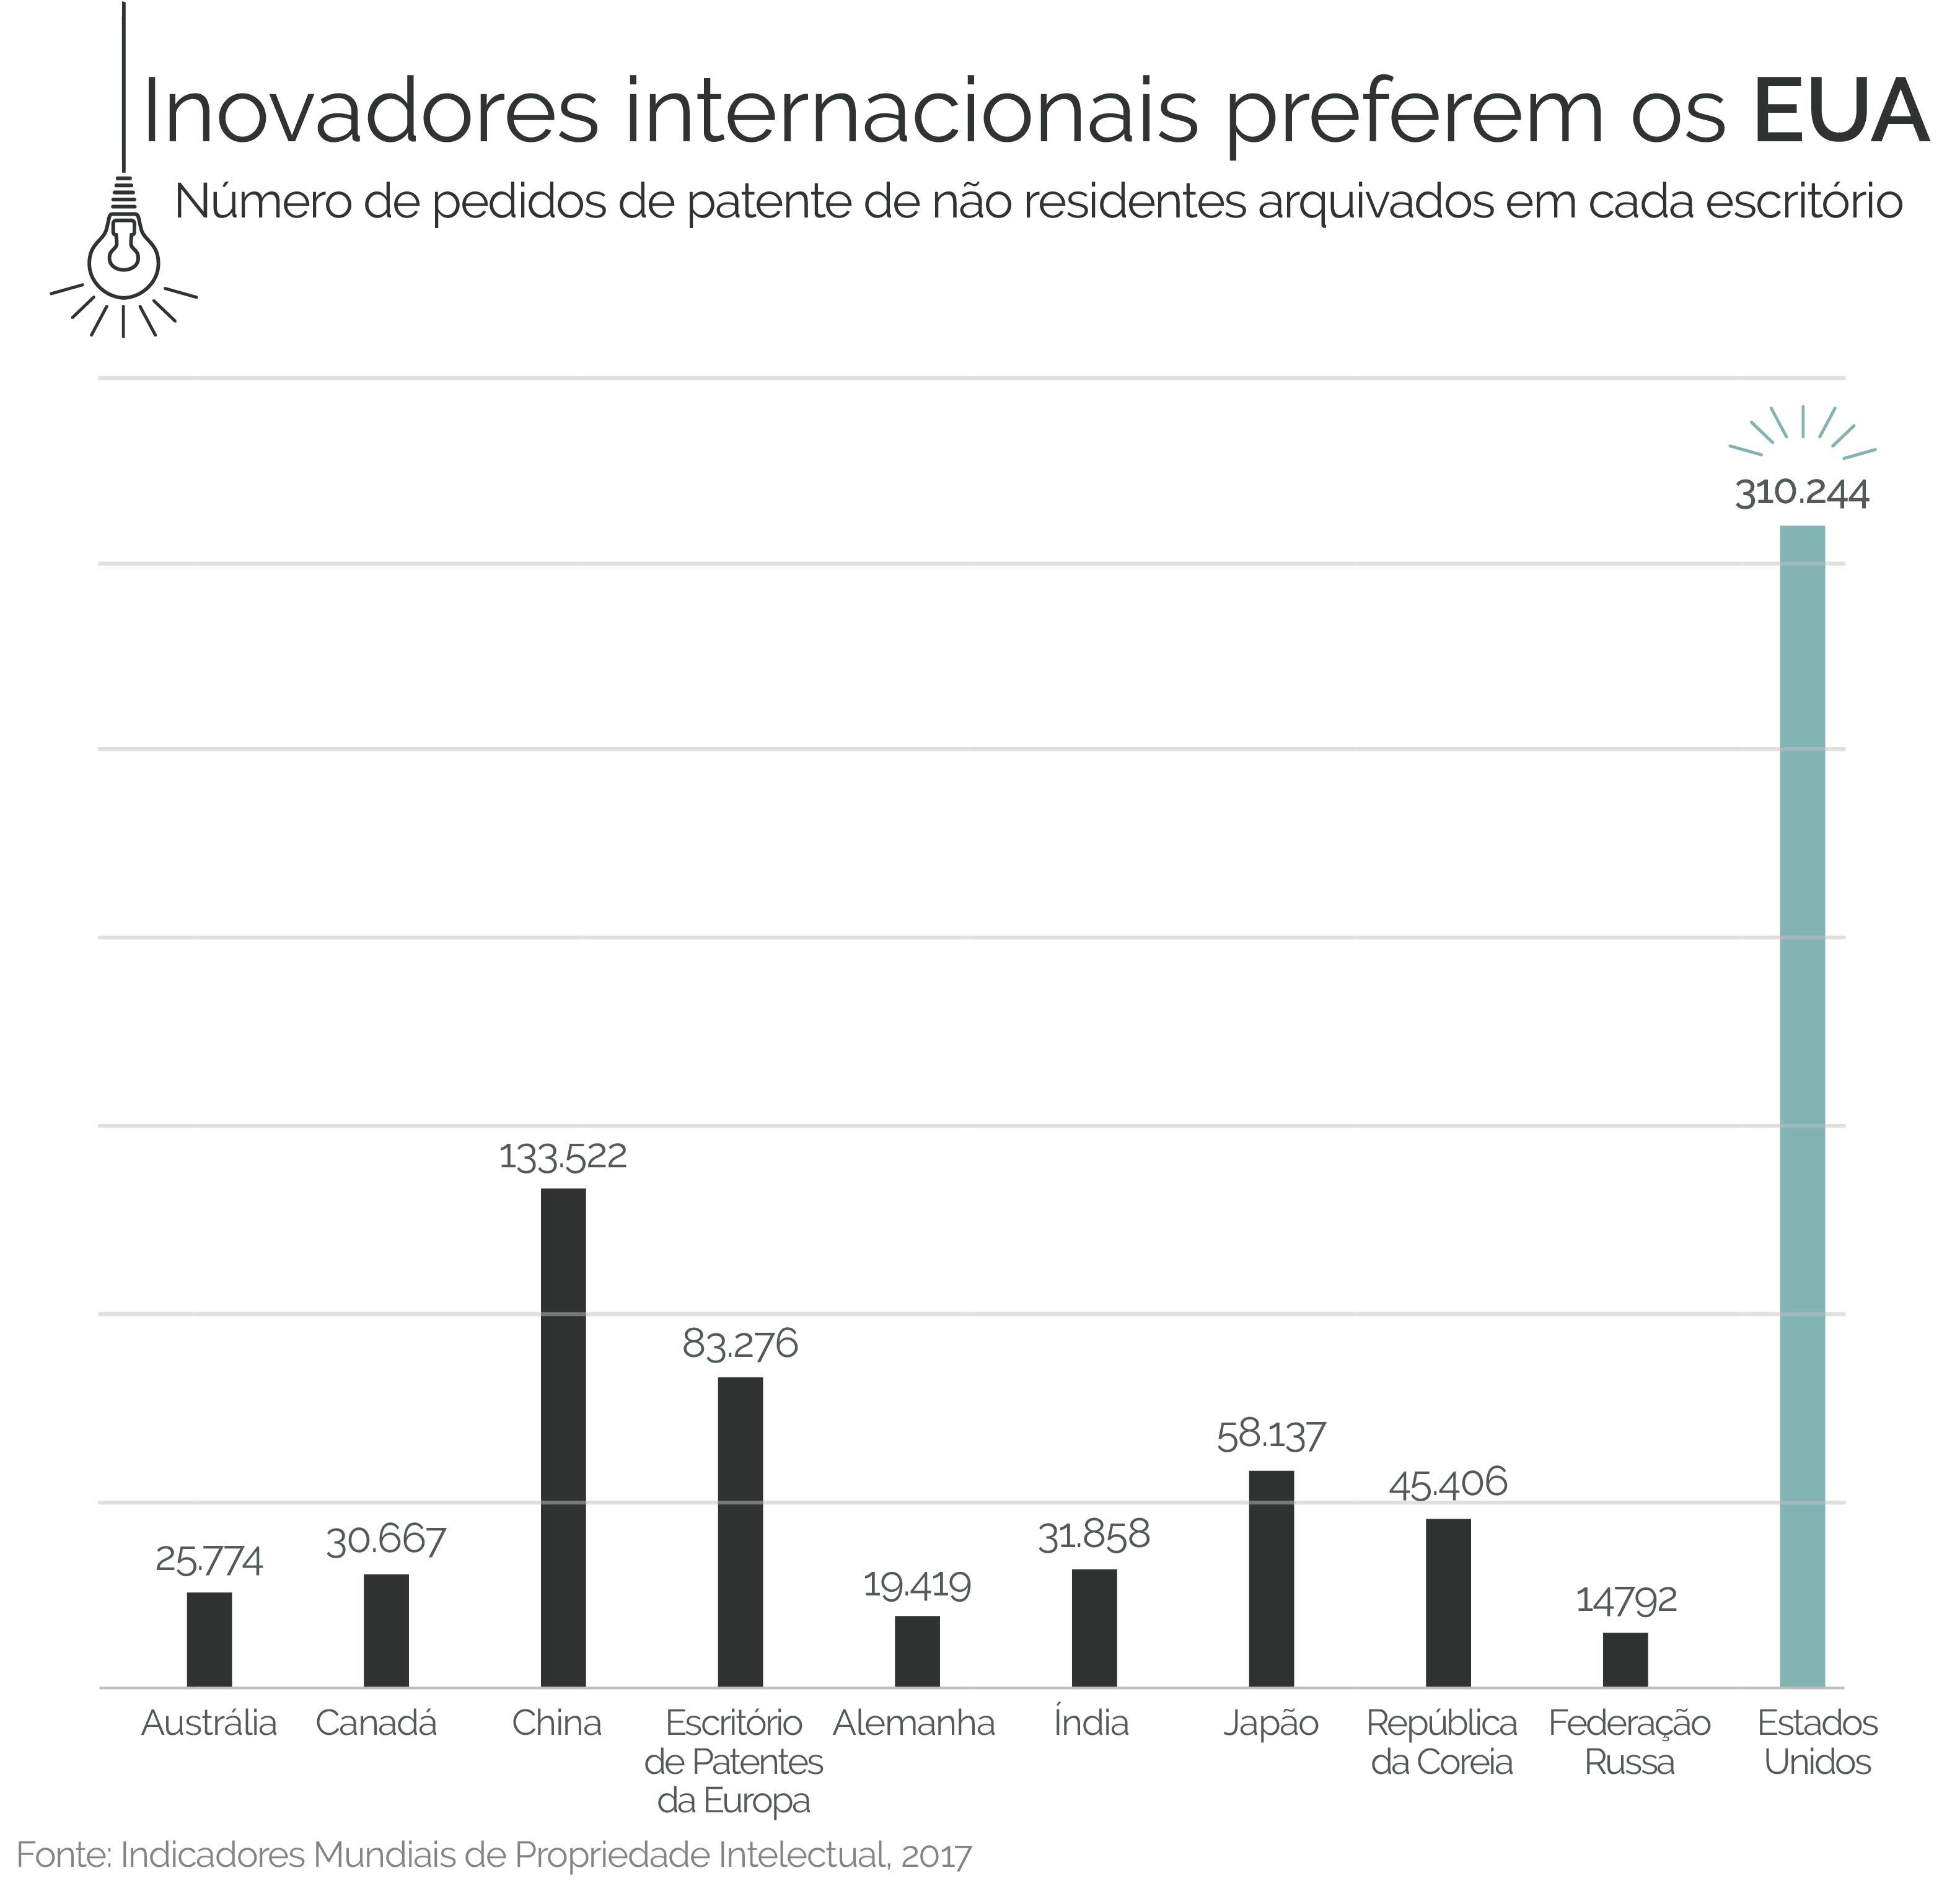 Gráfico de barras mostra o número de pedidos de patentes apresentados por não residentes em diferentes escritórios em todo o mundo (Indicadores Mundiais de Propriedade Intelectual, 2017)